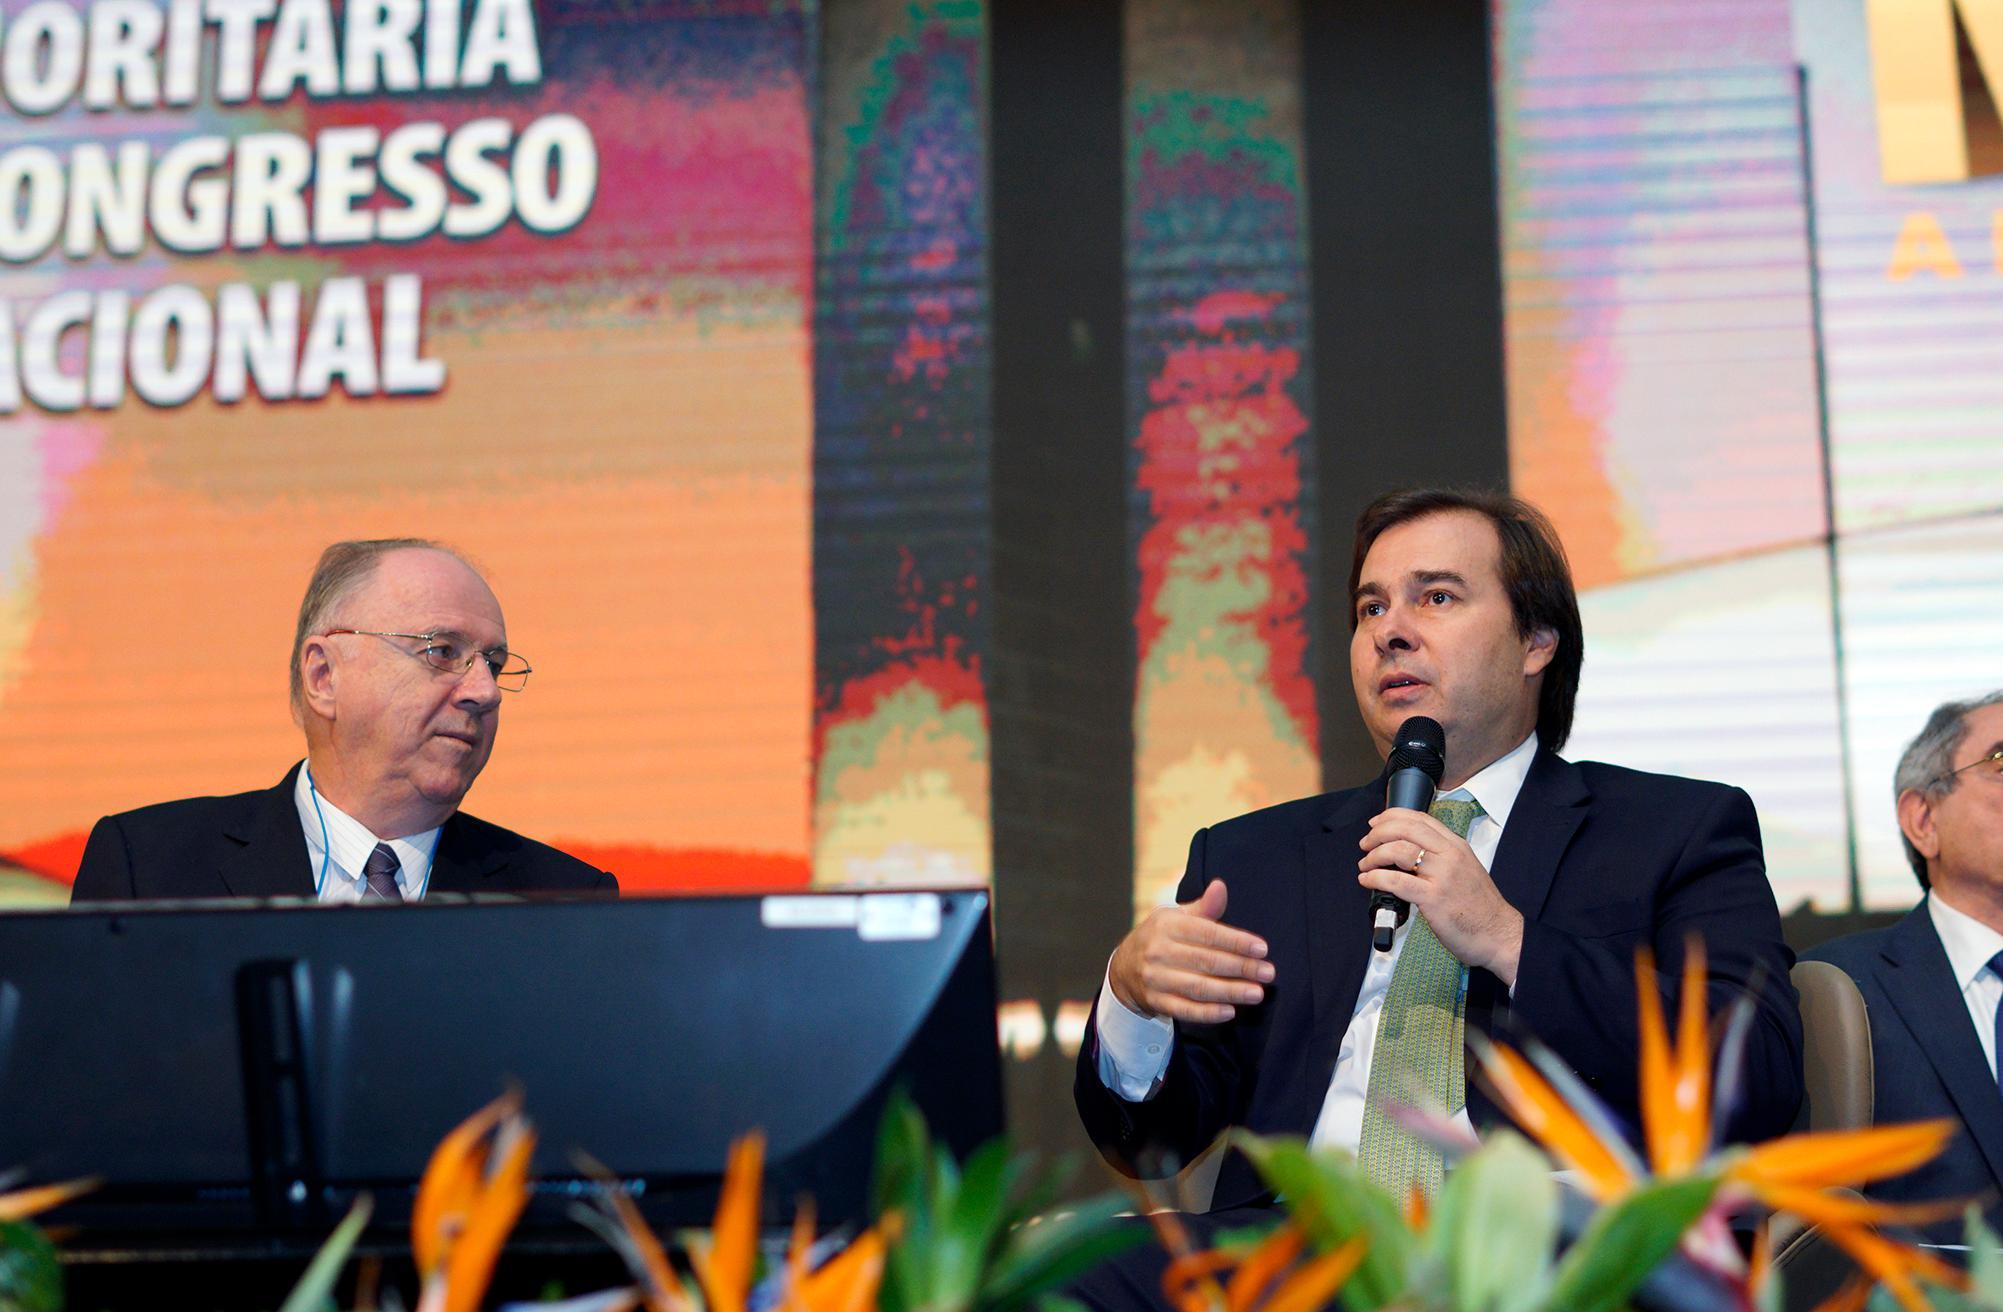 Marcha a Brasília em Defesa dos Municípios .Presidente da Câmara dep. Rodrigo Maia (DEM-RJ)